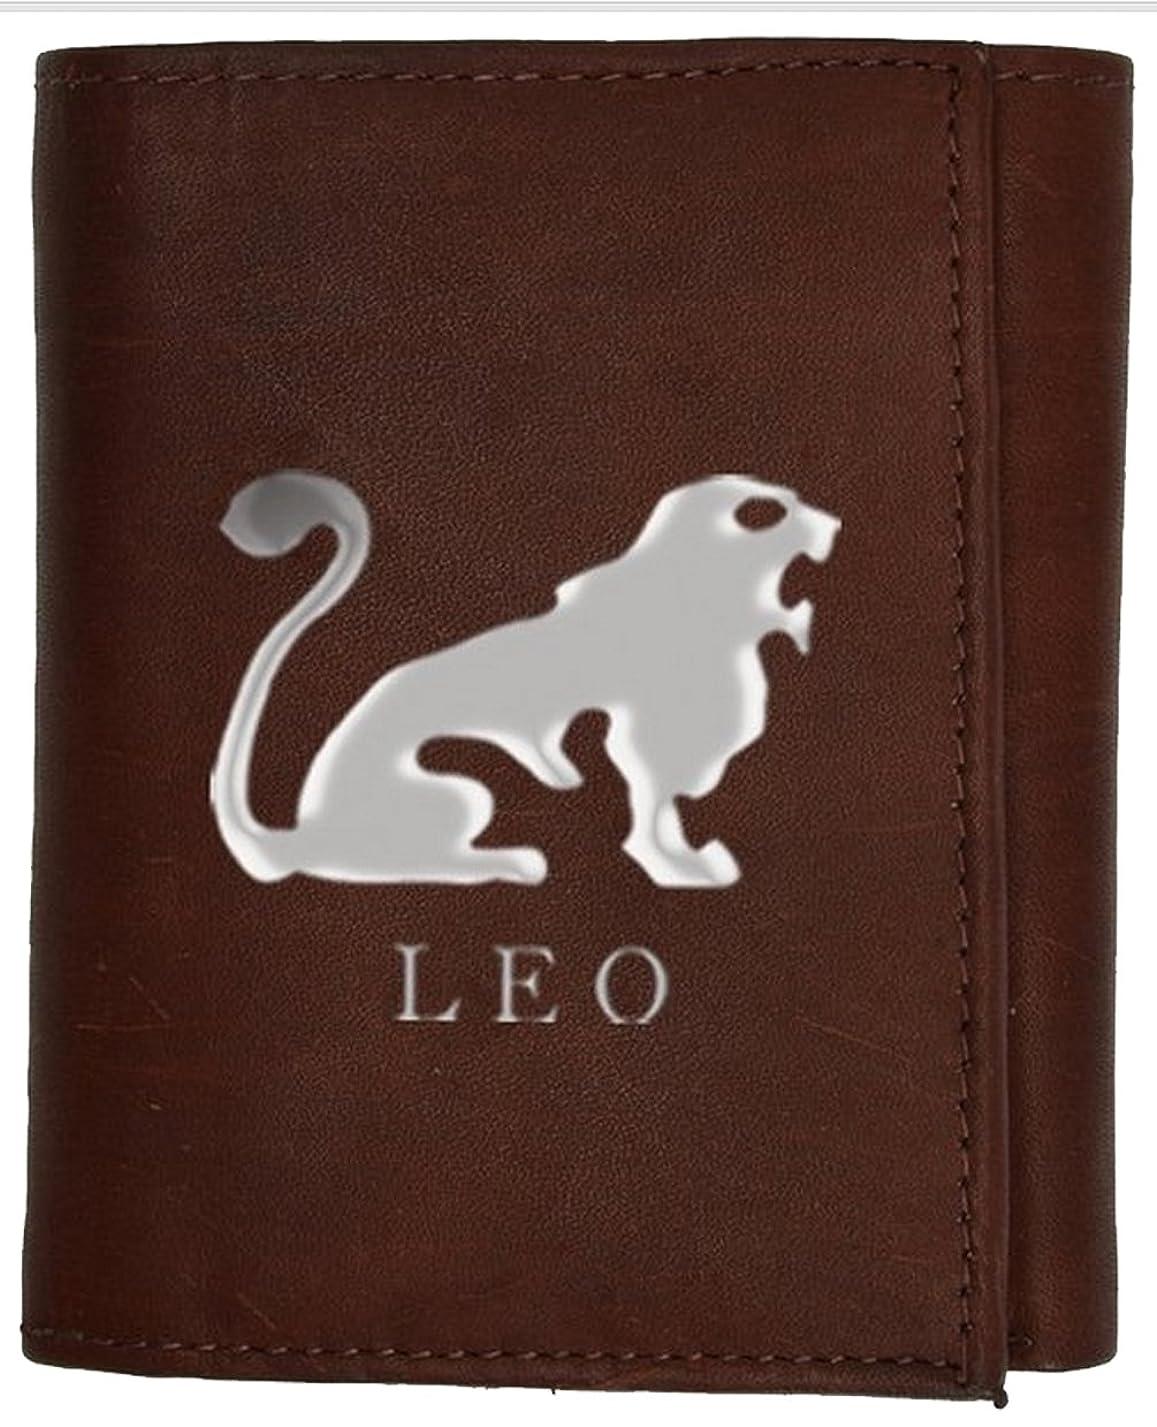 借りている悪性の支配的Leo Zodiac Sign ( 7月23日に8月22日本革三つ折り財布by Marshal